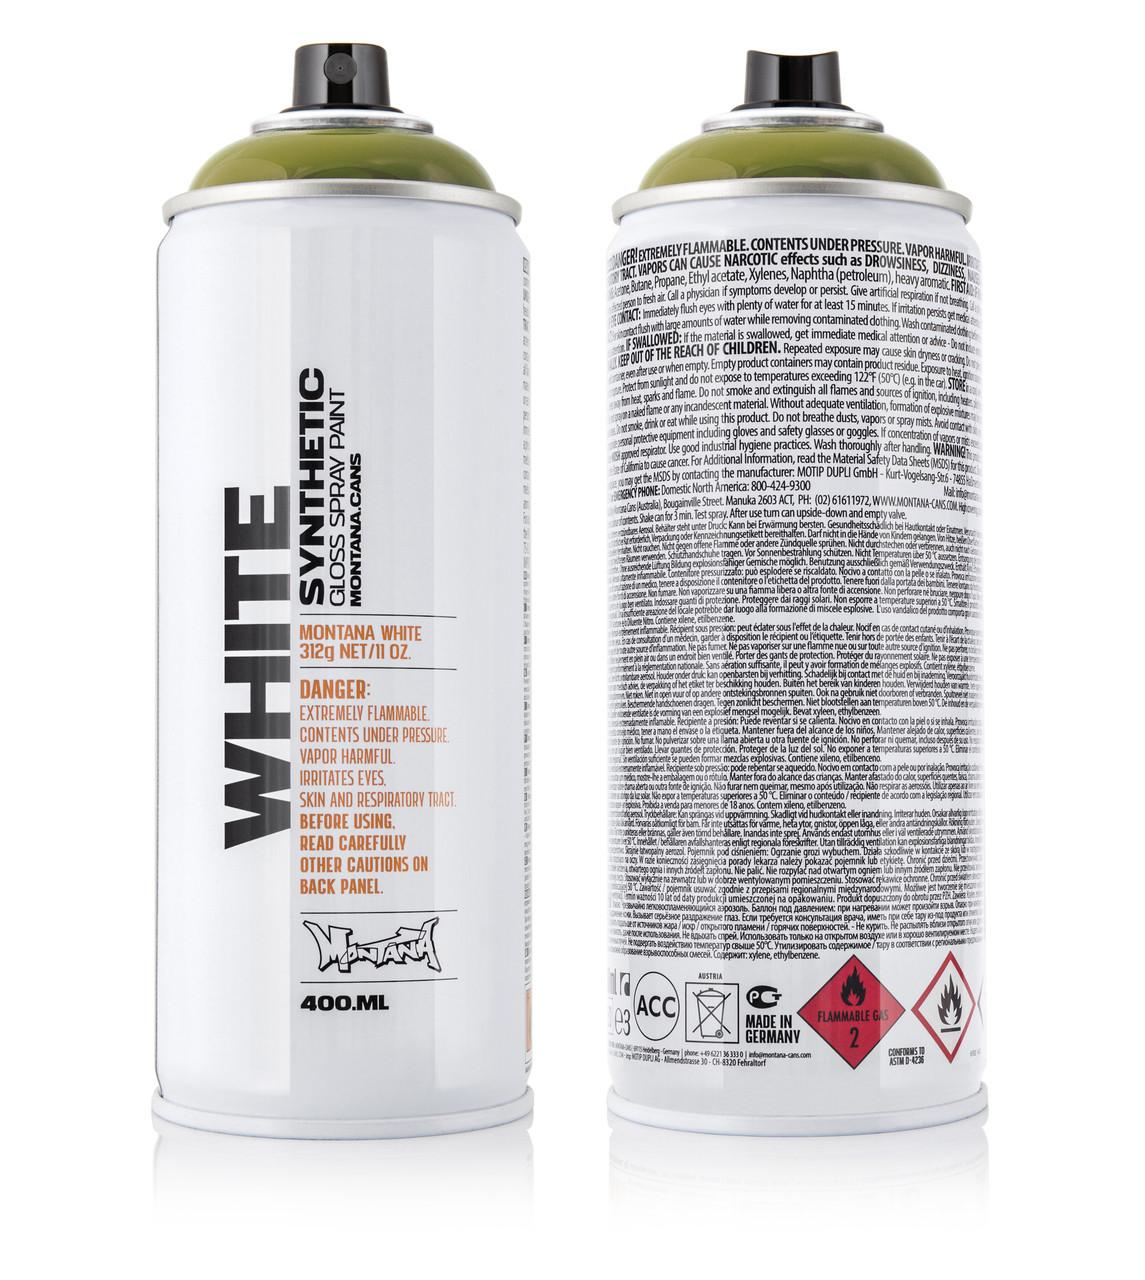 Краска Montana WHT1160 Дикий Вилли, 400 мл (Wild Willy) (280078)